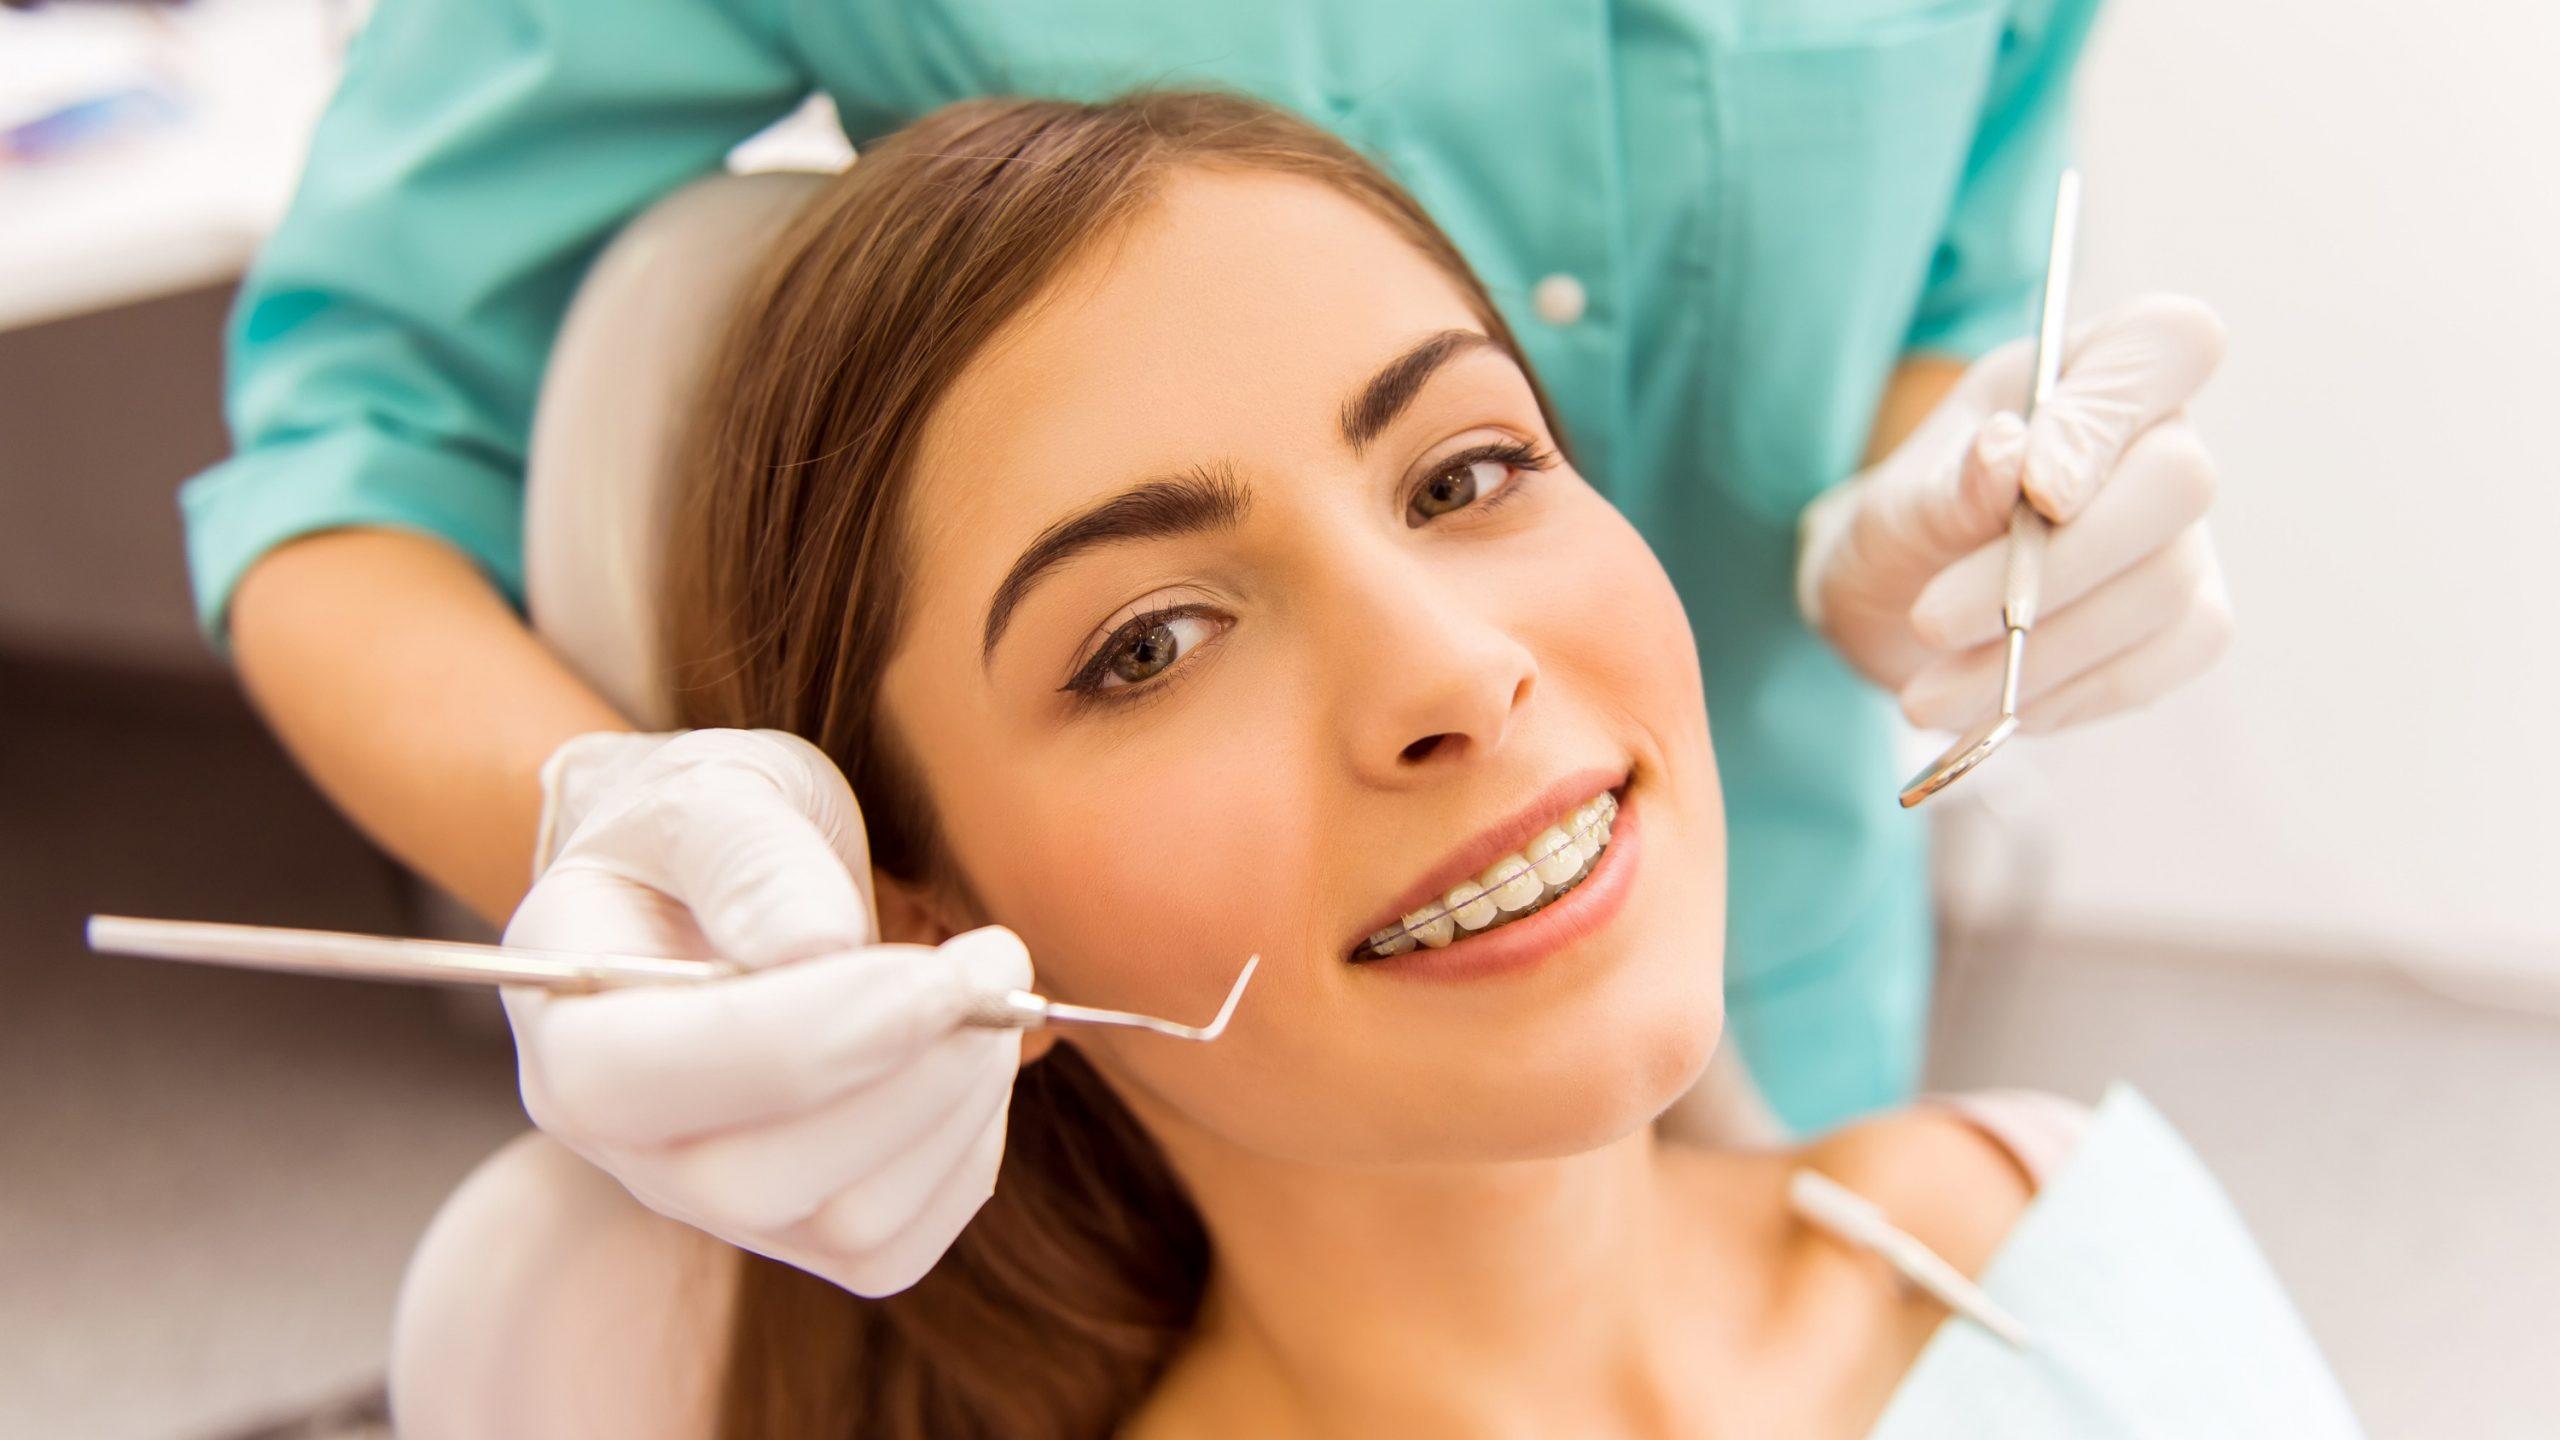 rady ortodonty